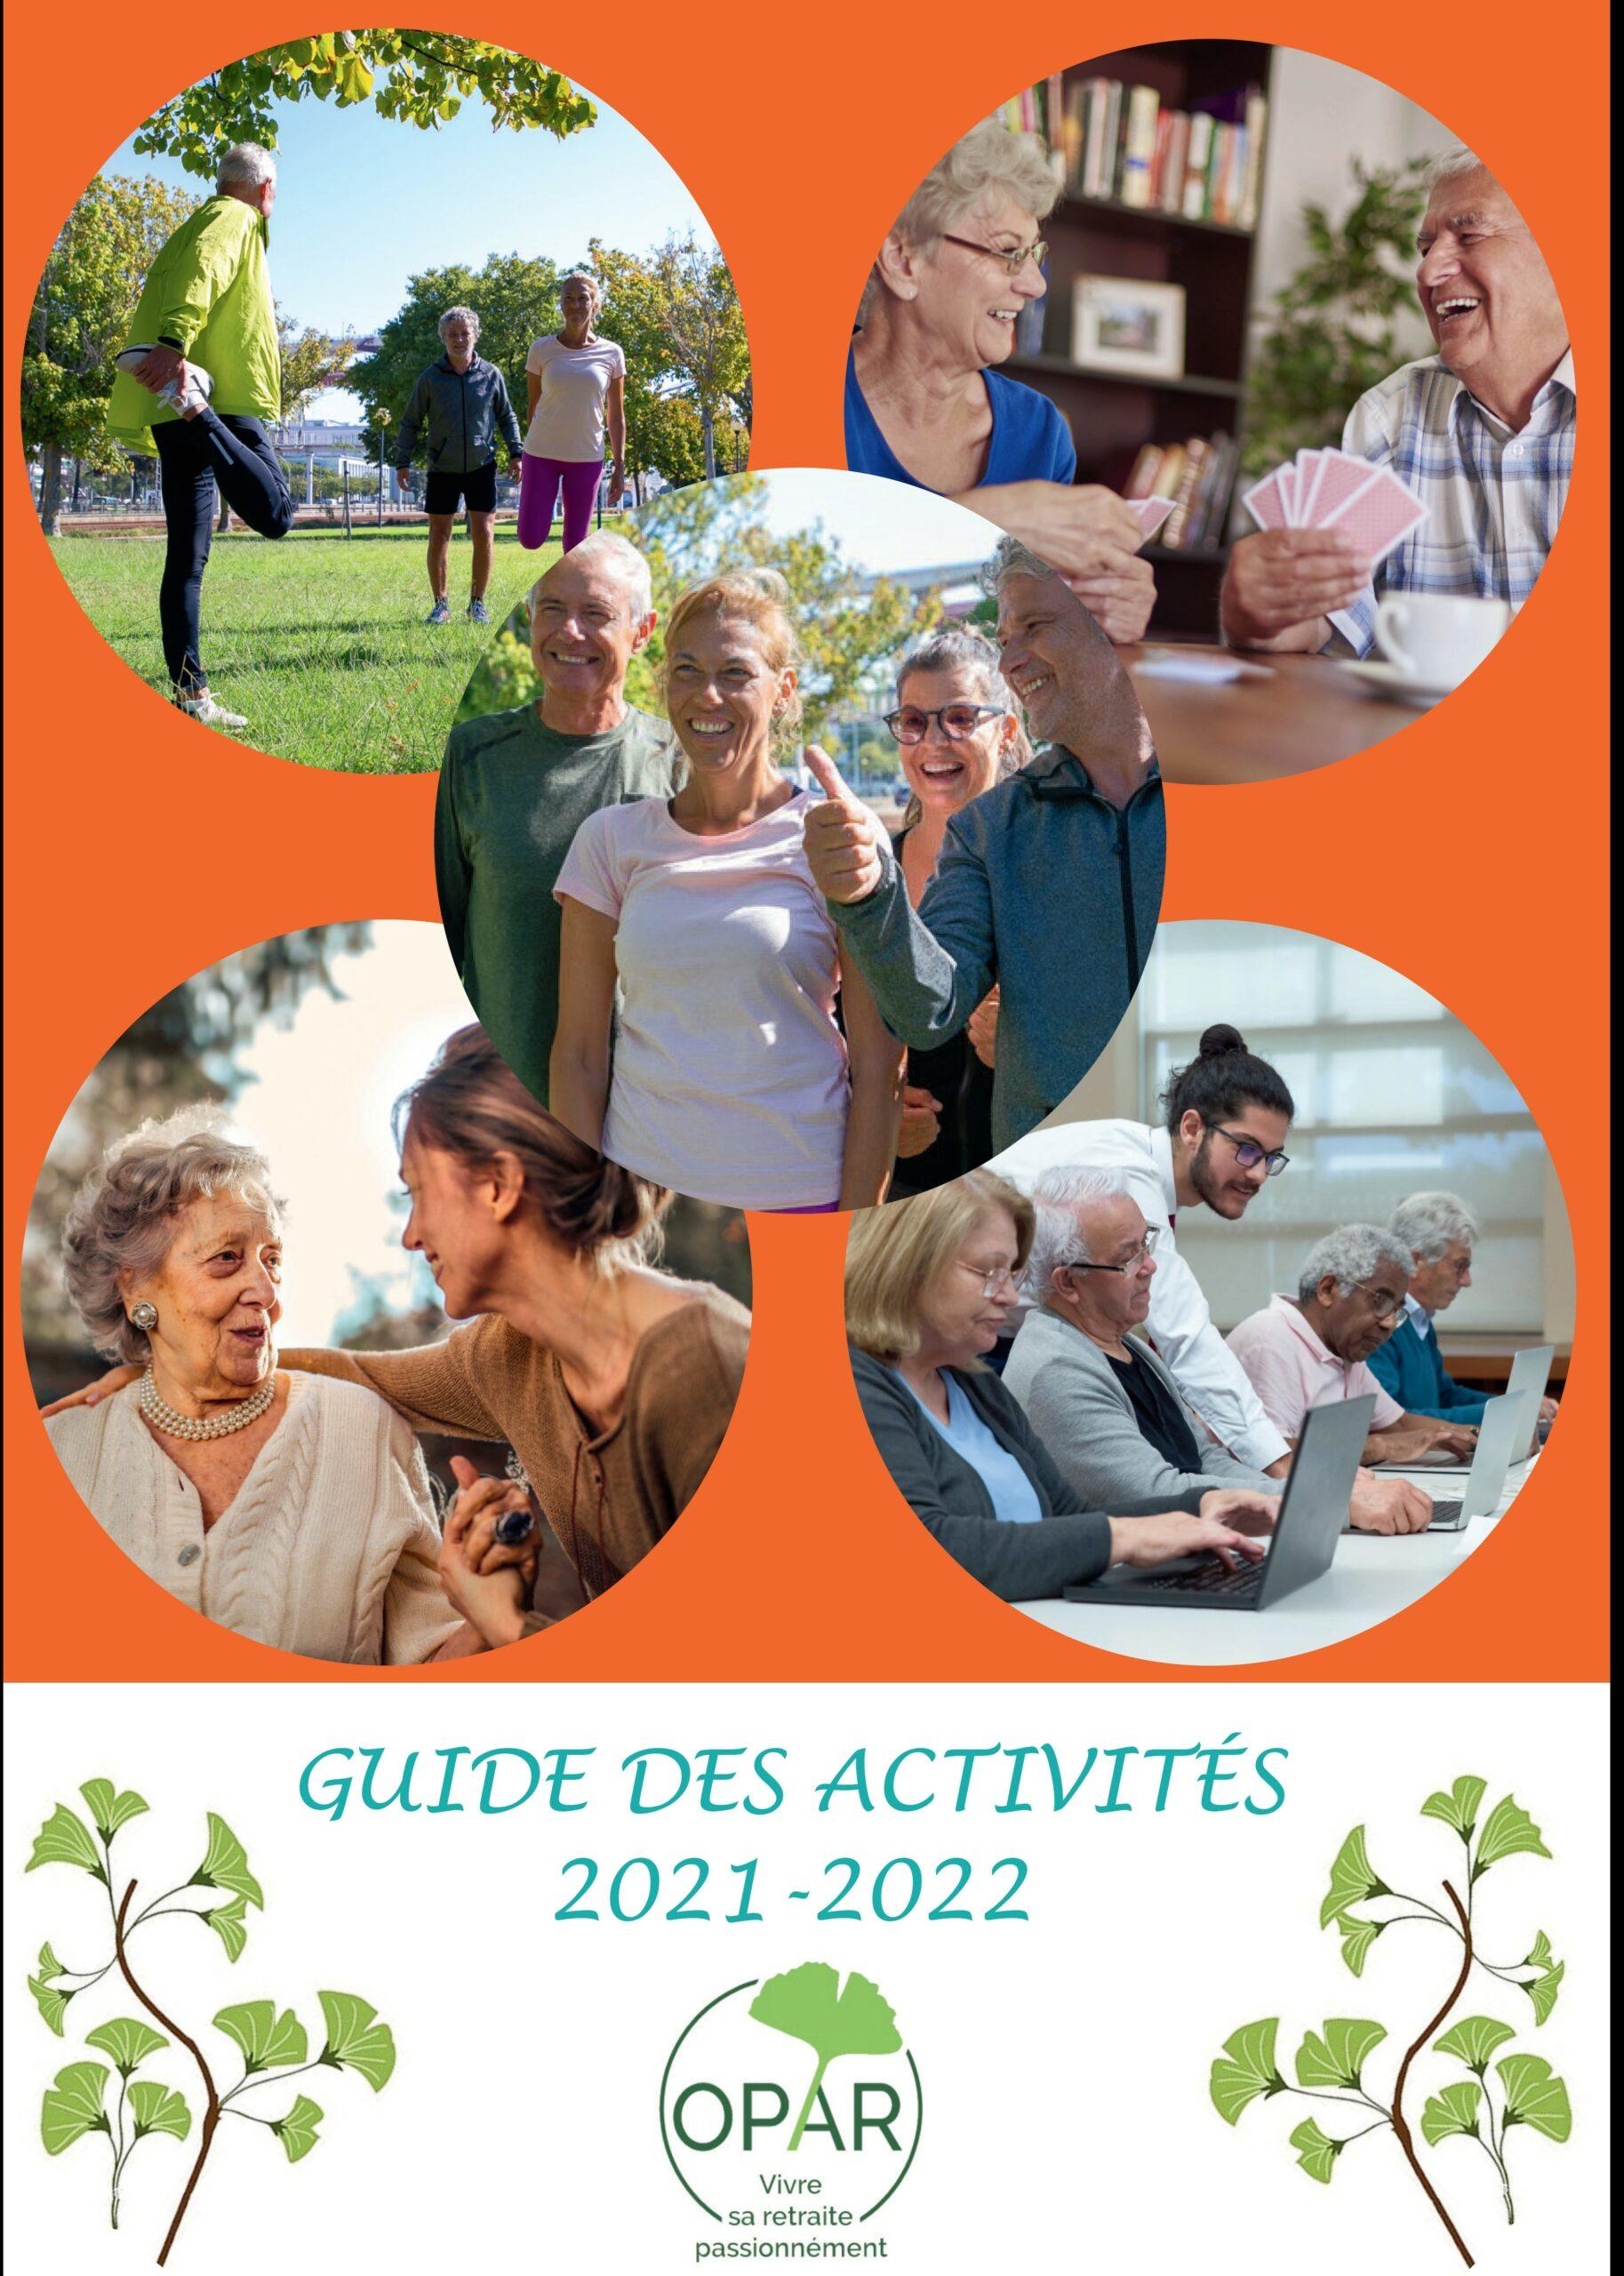 Le guide des activités